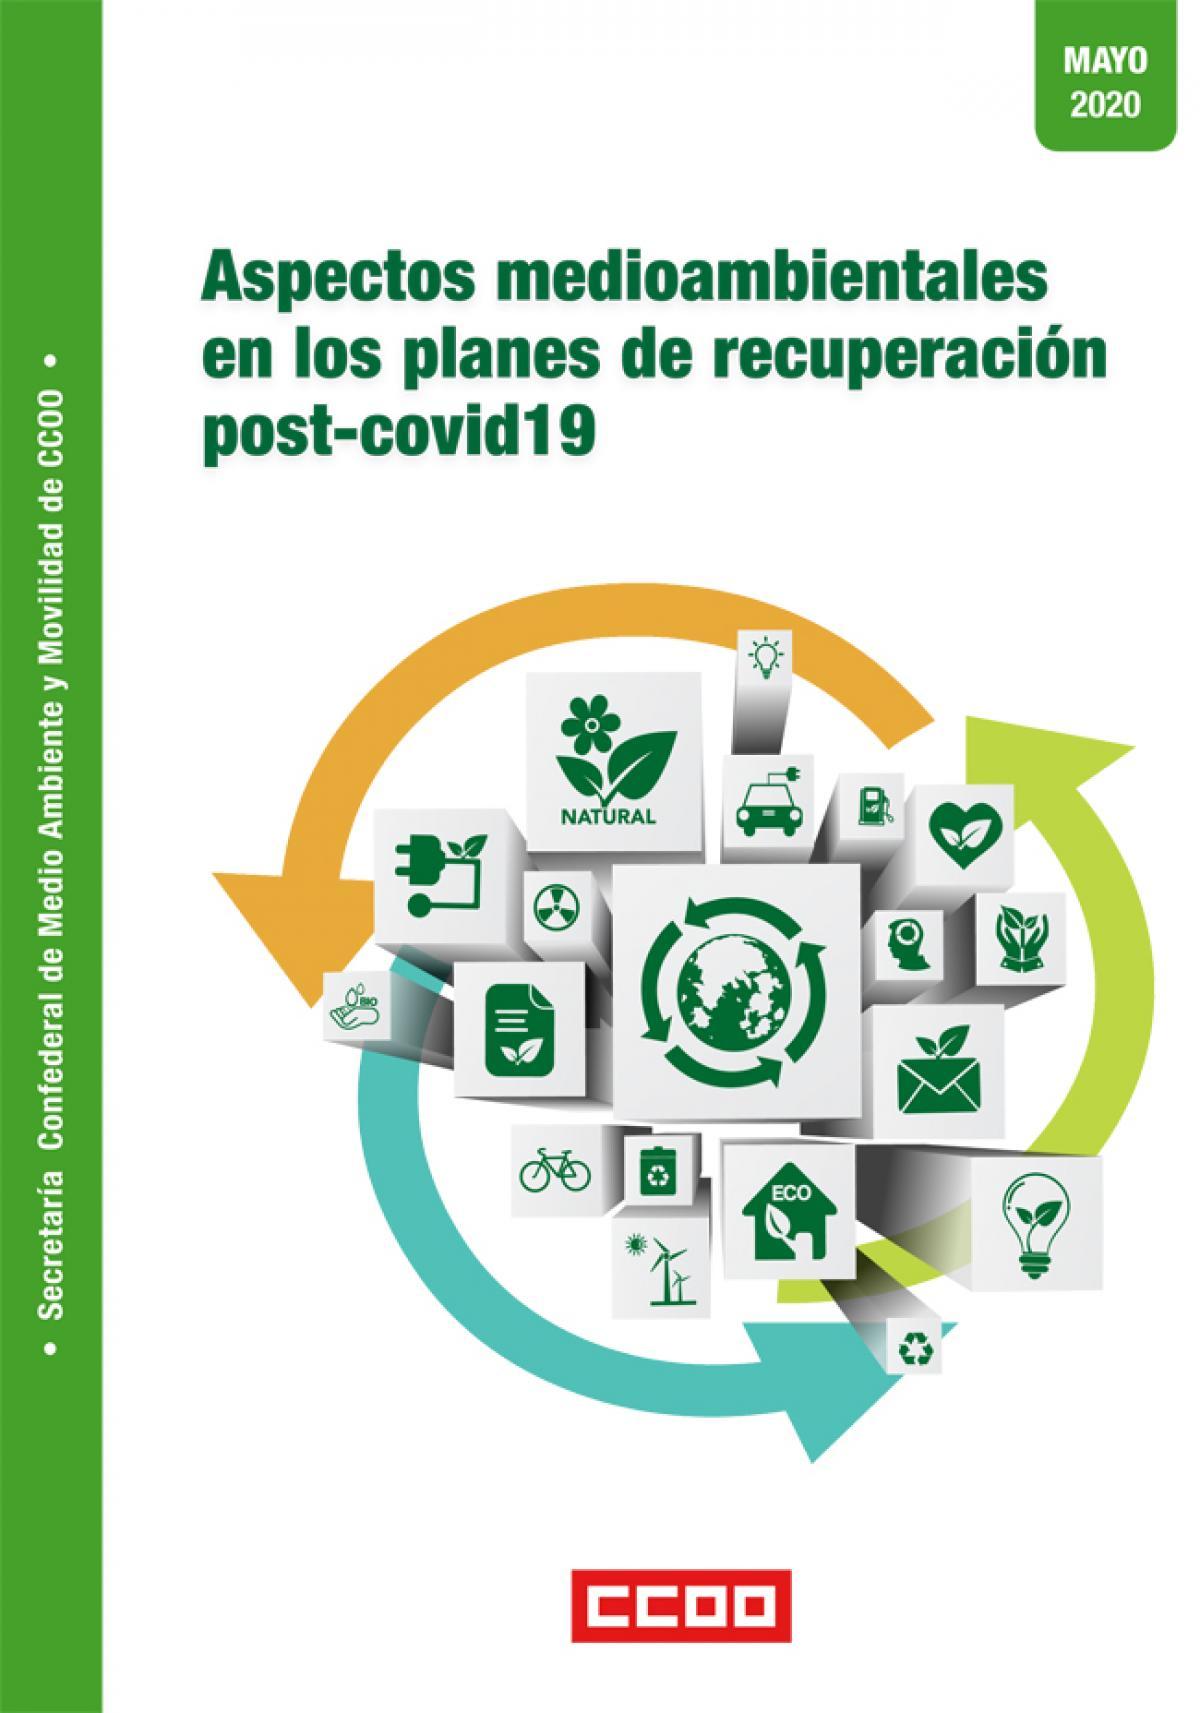 Aspectos medioambientales en los planes de recuperación post-covid19